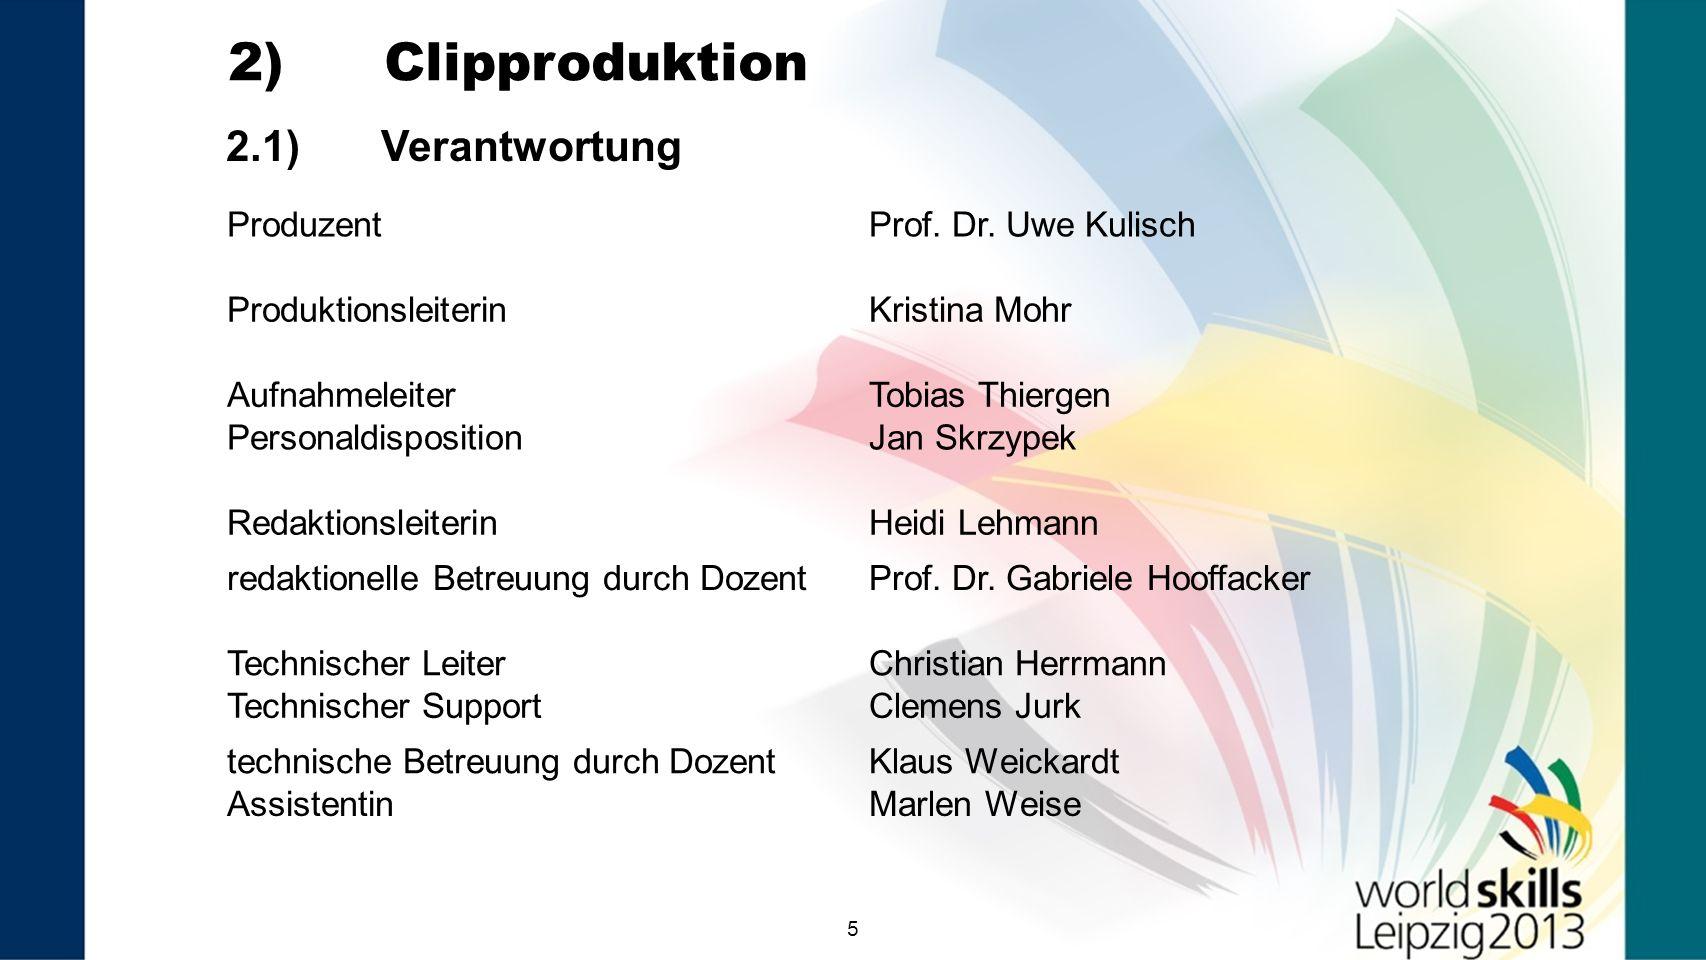 2) Clipproduktion 2.1) Verantwortung Produzent Prof. Dr. Uwe Kulisch